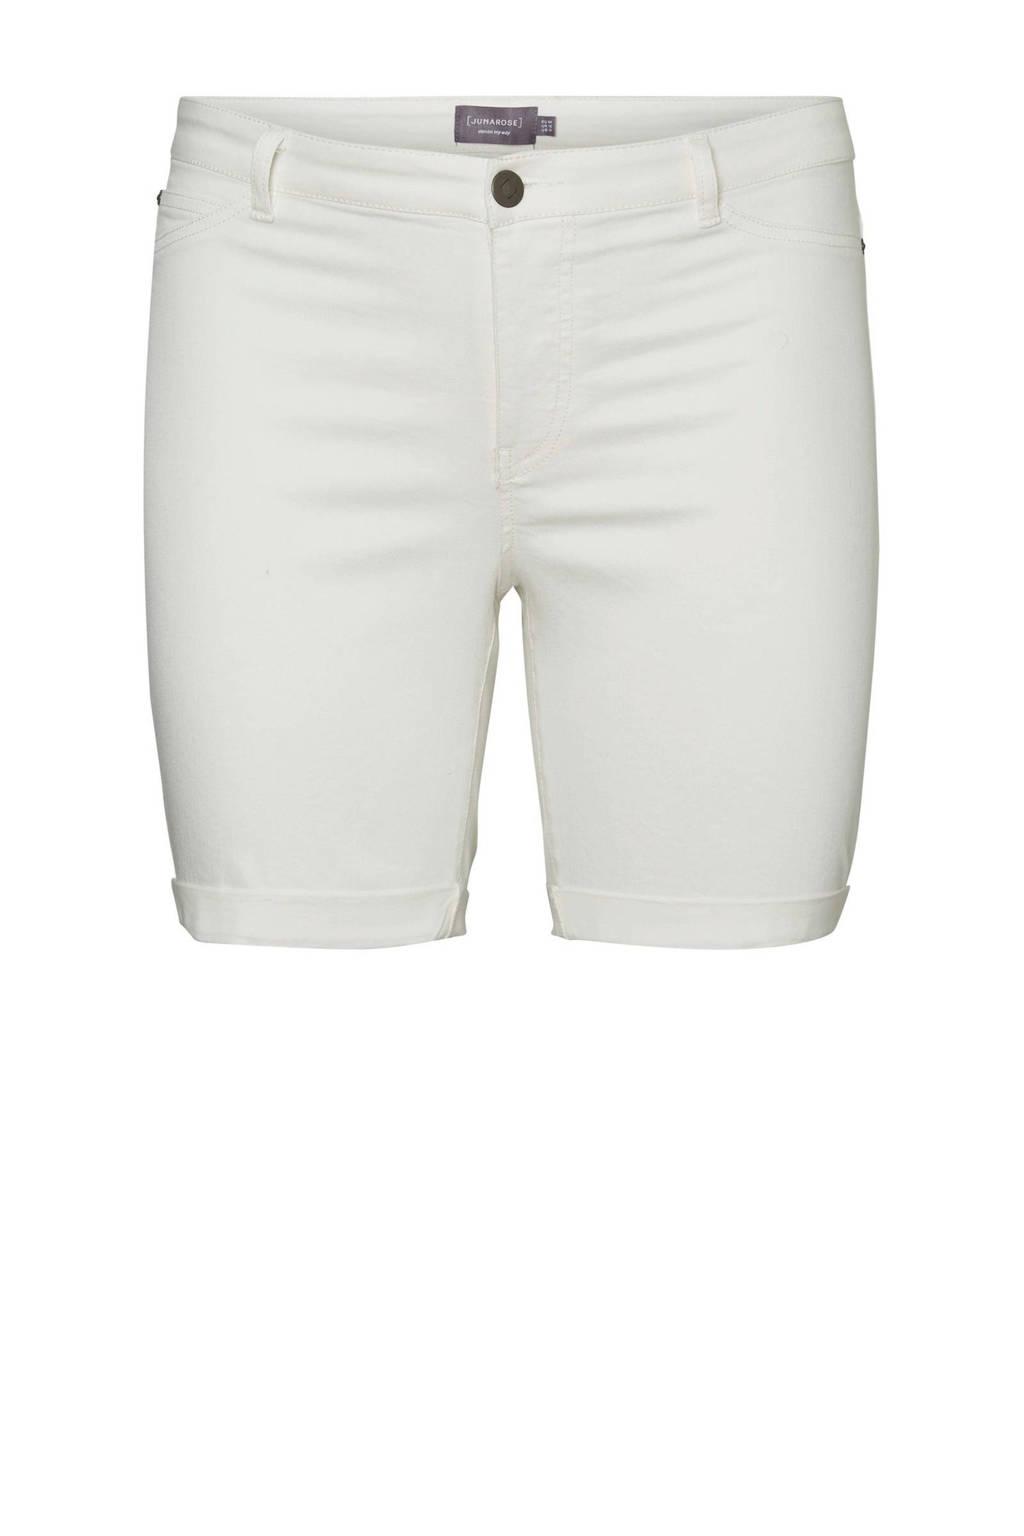 JUNAROSE jeans short wit, Wit